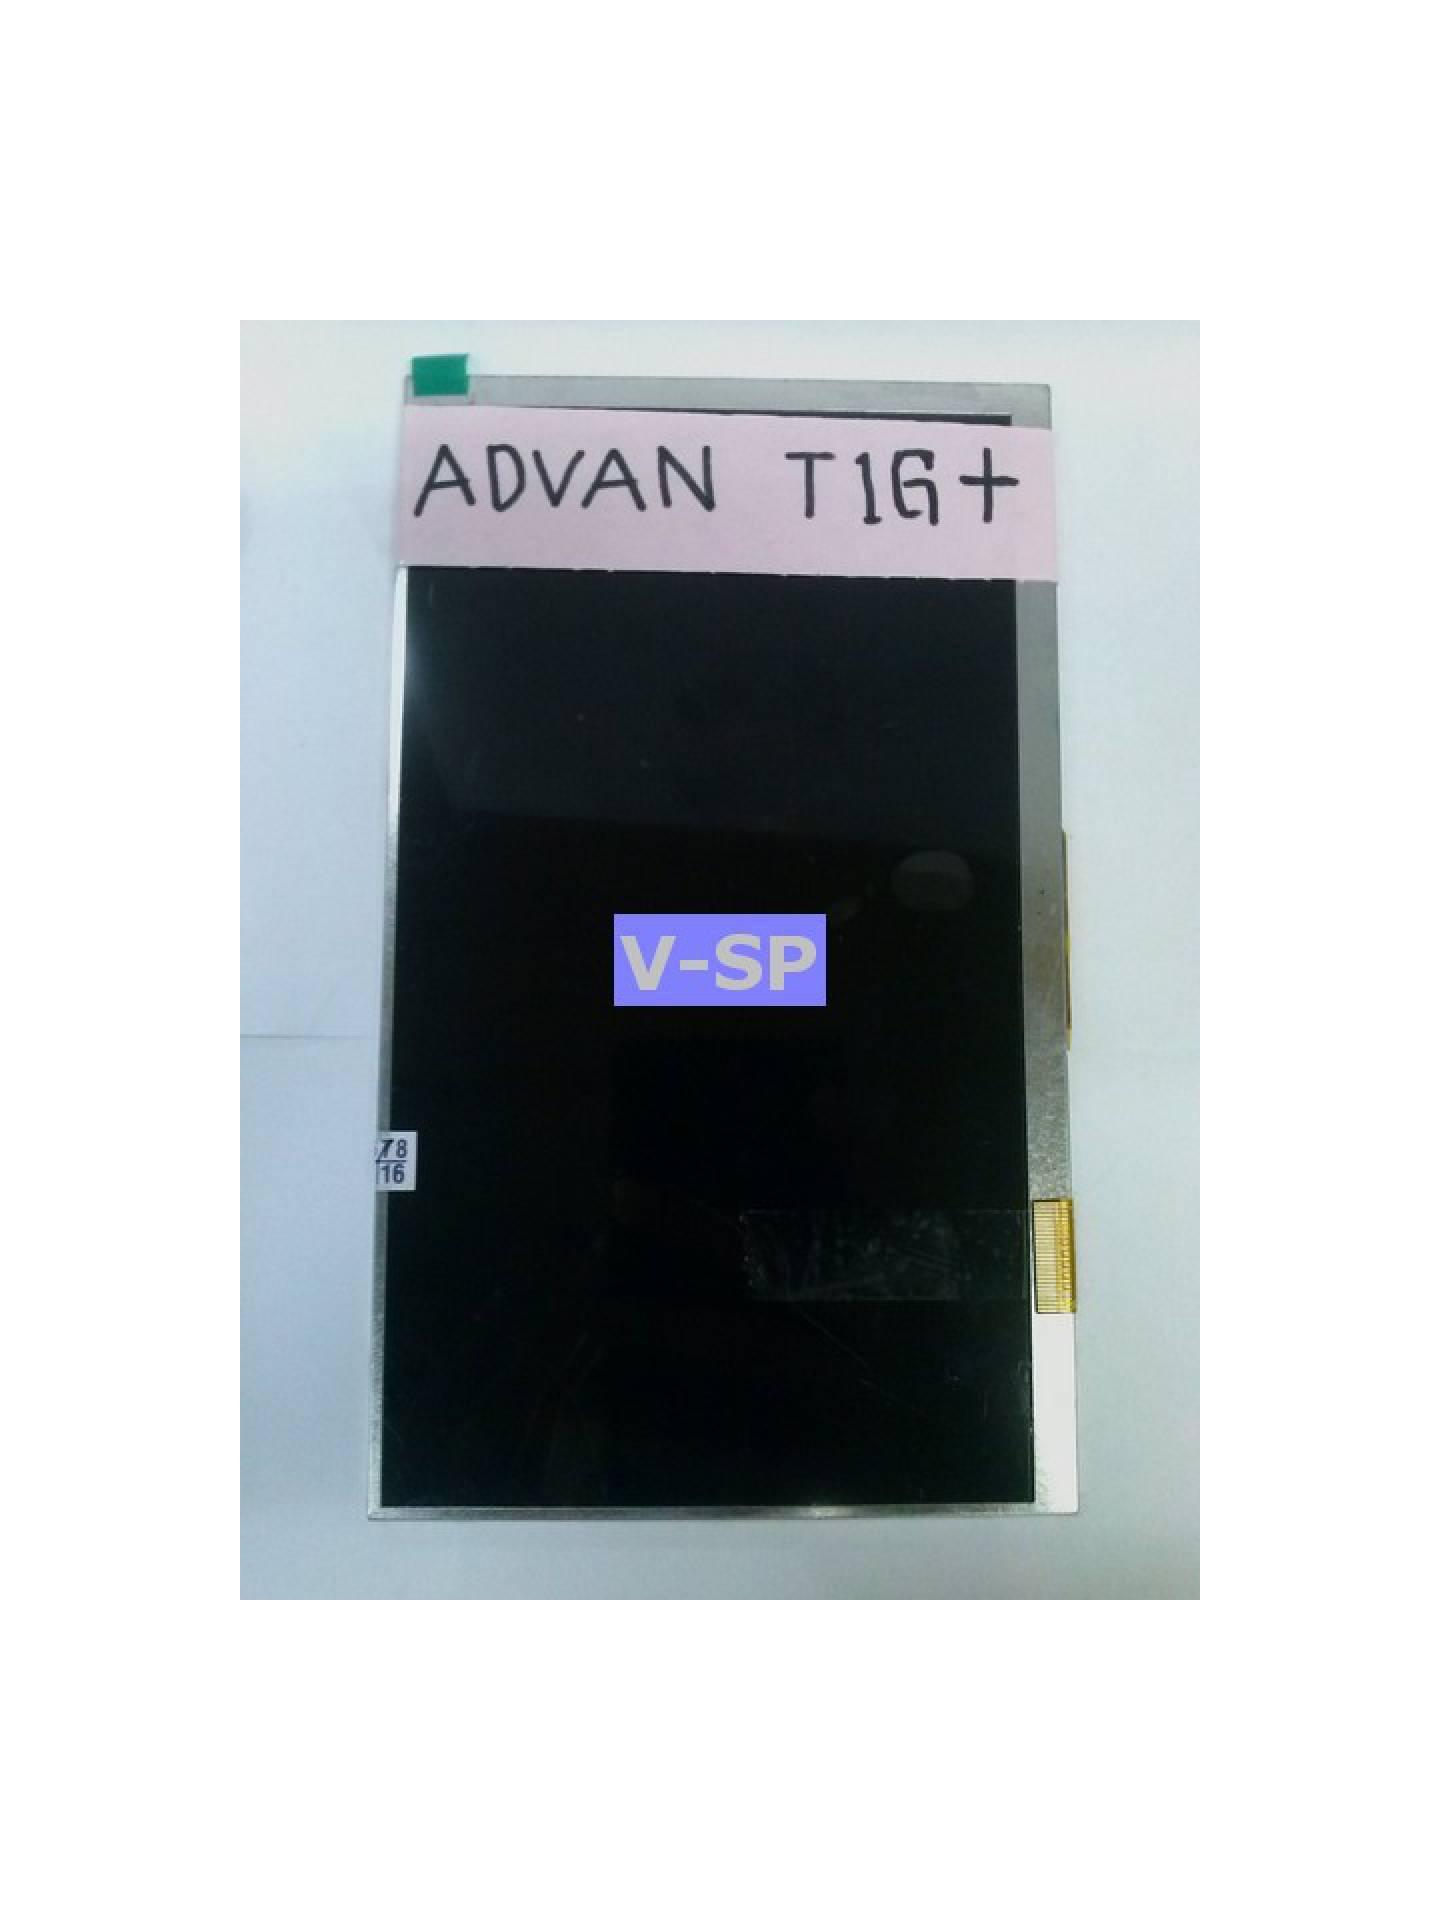 Jual Advan T1g Plus Murah Garansi Dan Berkualitas Id Store Lcd Tablet I7d S7 S7a S7c Rp 240000